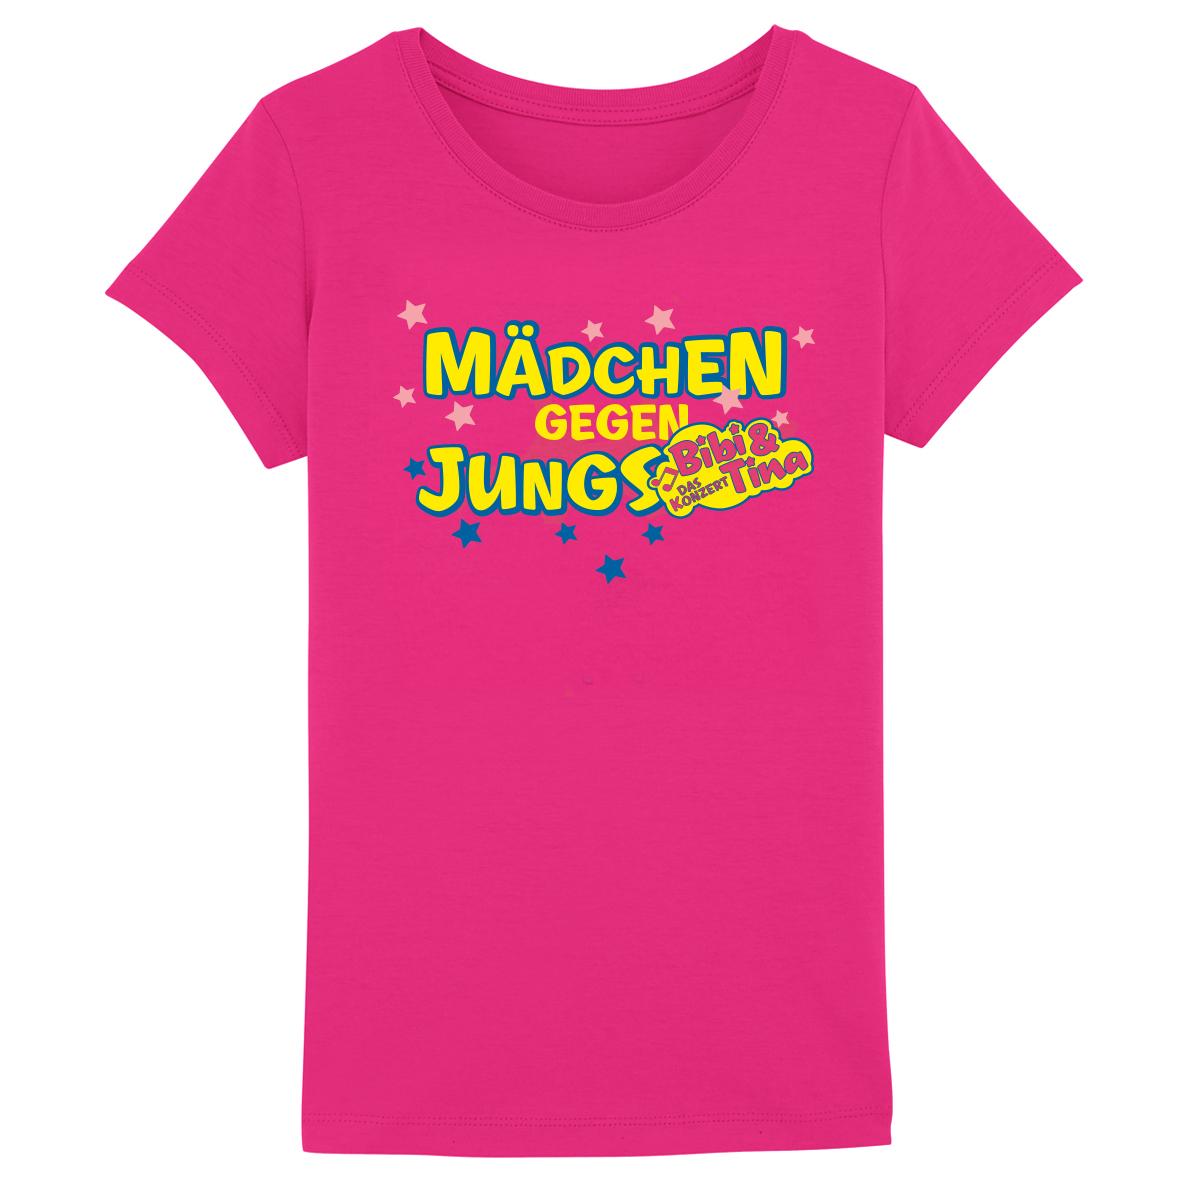 Bibi&Tina Mädchen gegen Jungs Kids T-Shirt, rosa